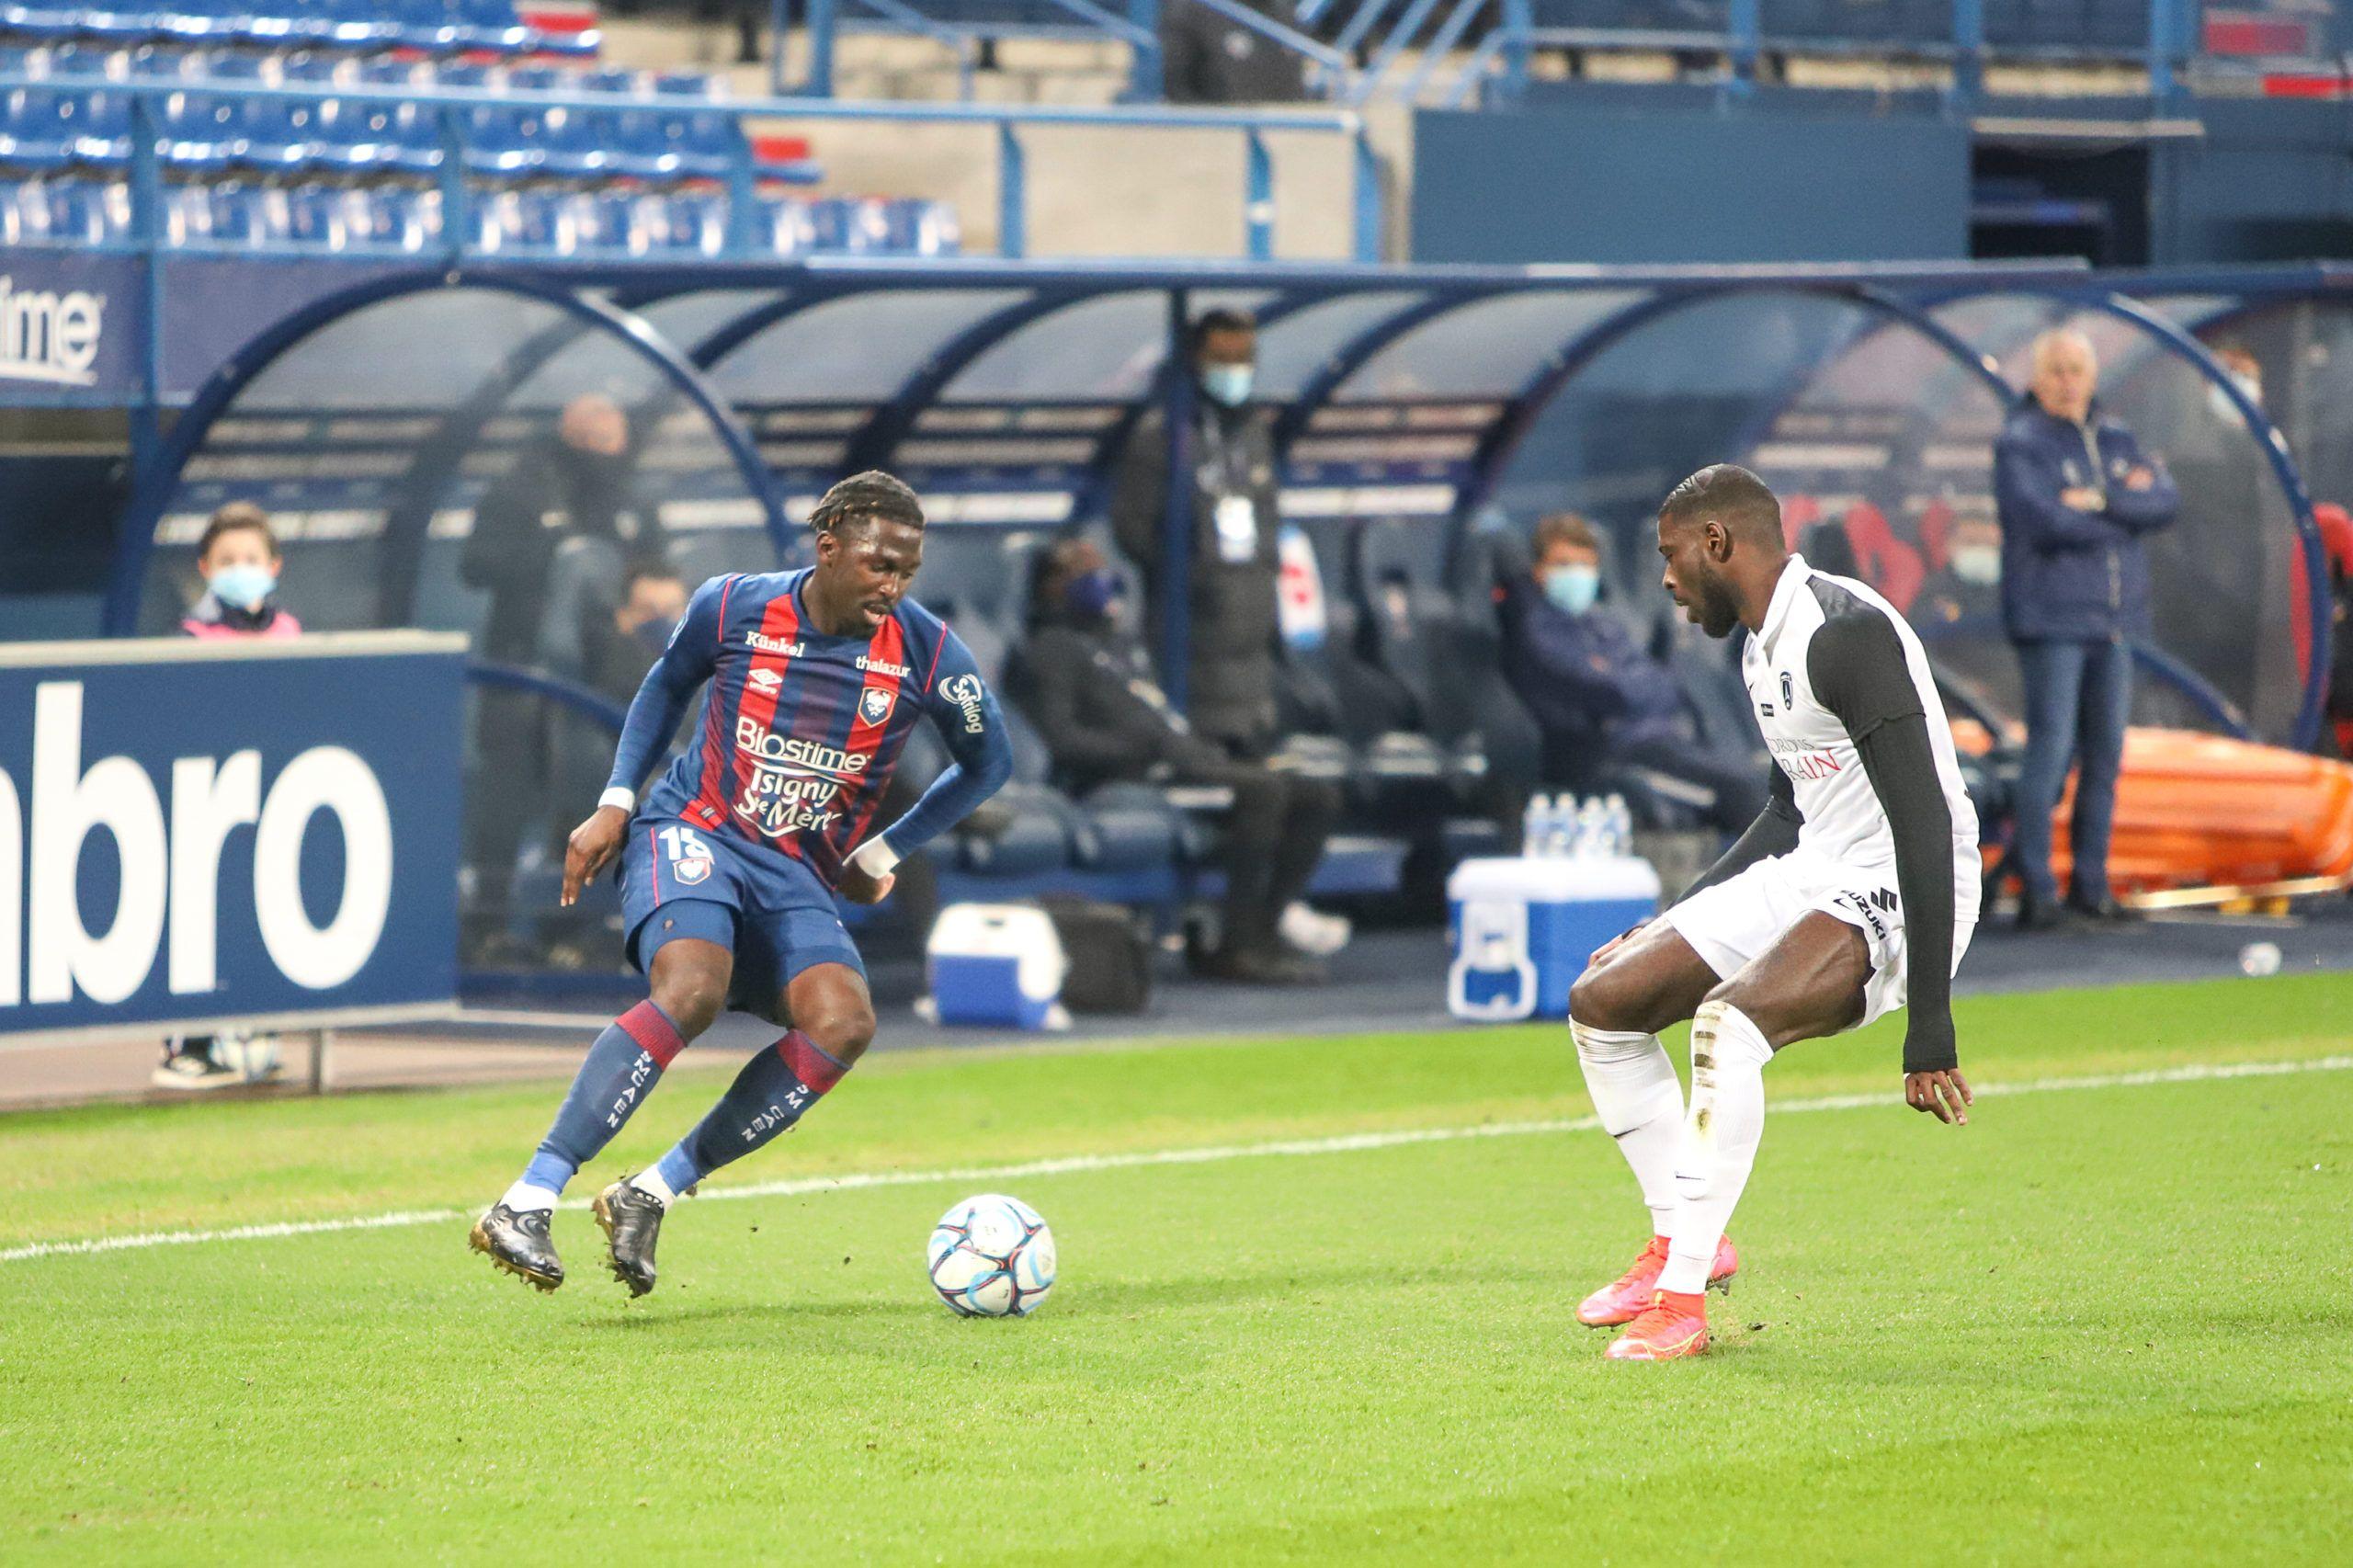 Que s'est-il passé dans les vestiaires à la fin du match entre Caen et le Paris FC ?